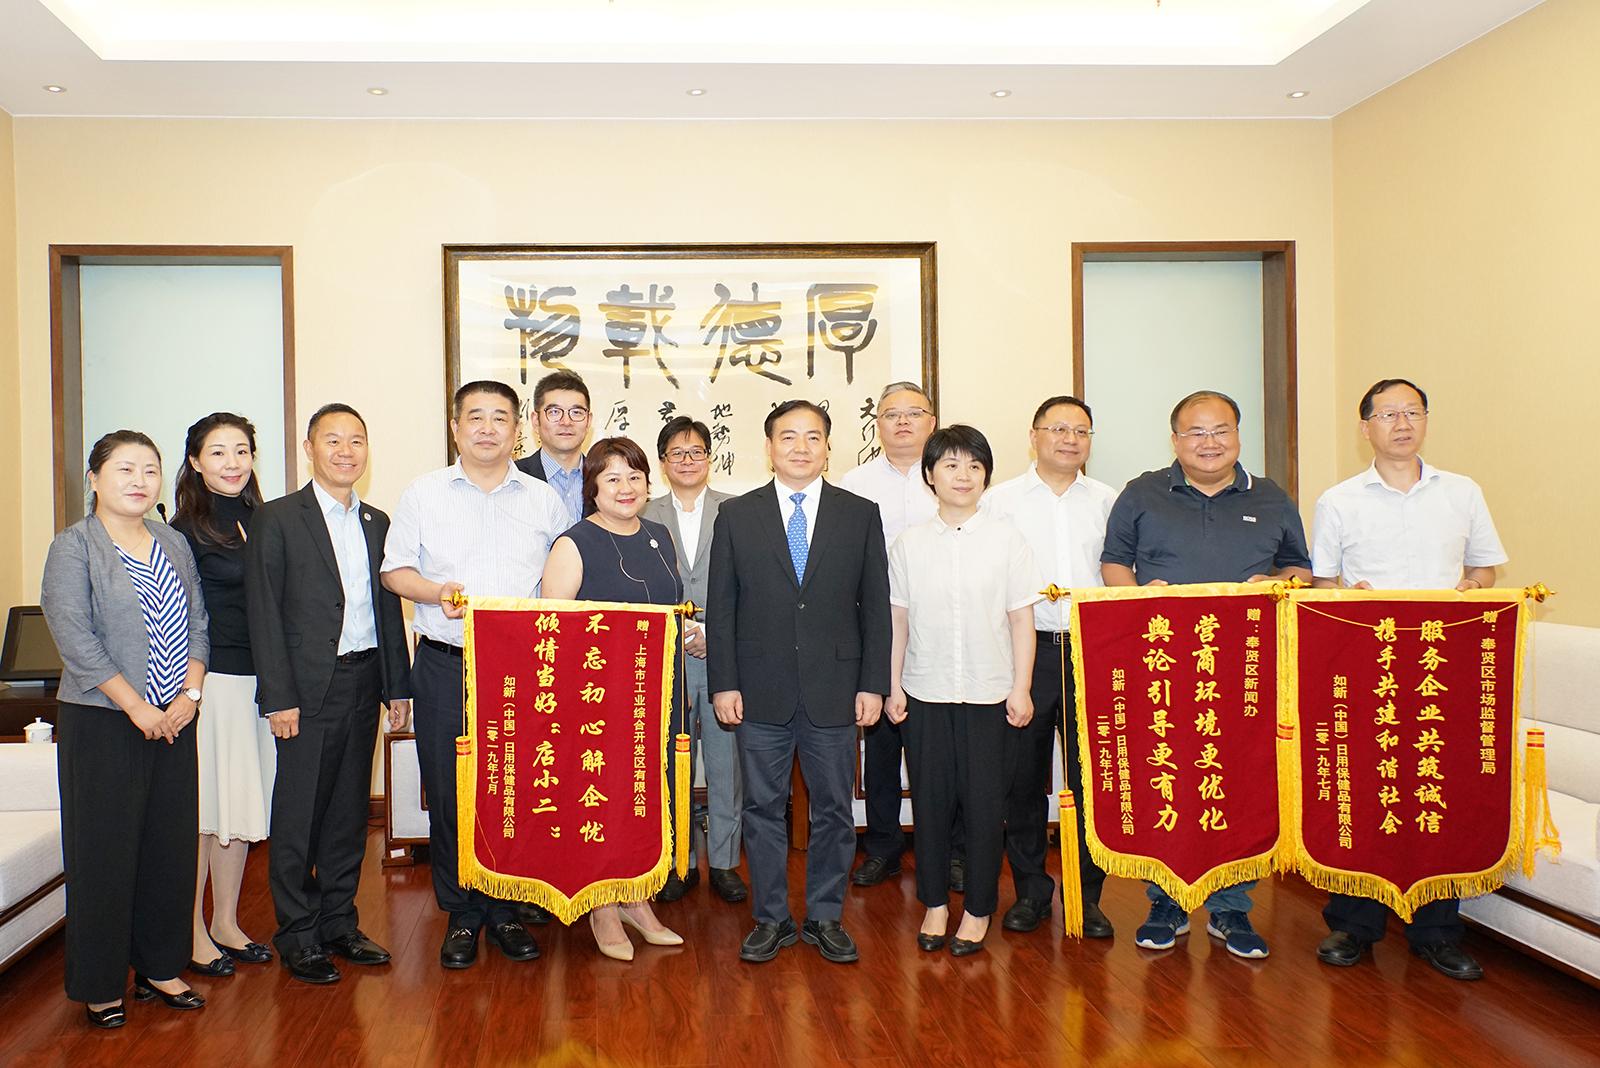 在此次会面中,如新集团送上三面锦旗,分别感谢奉贤区新闻办、分享区市场监管局以及上海市工业综合开发区三